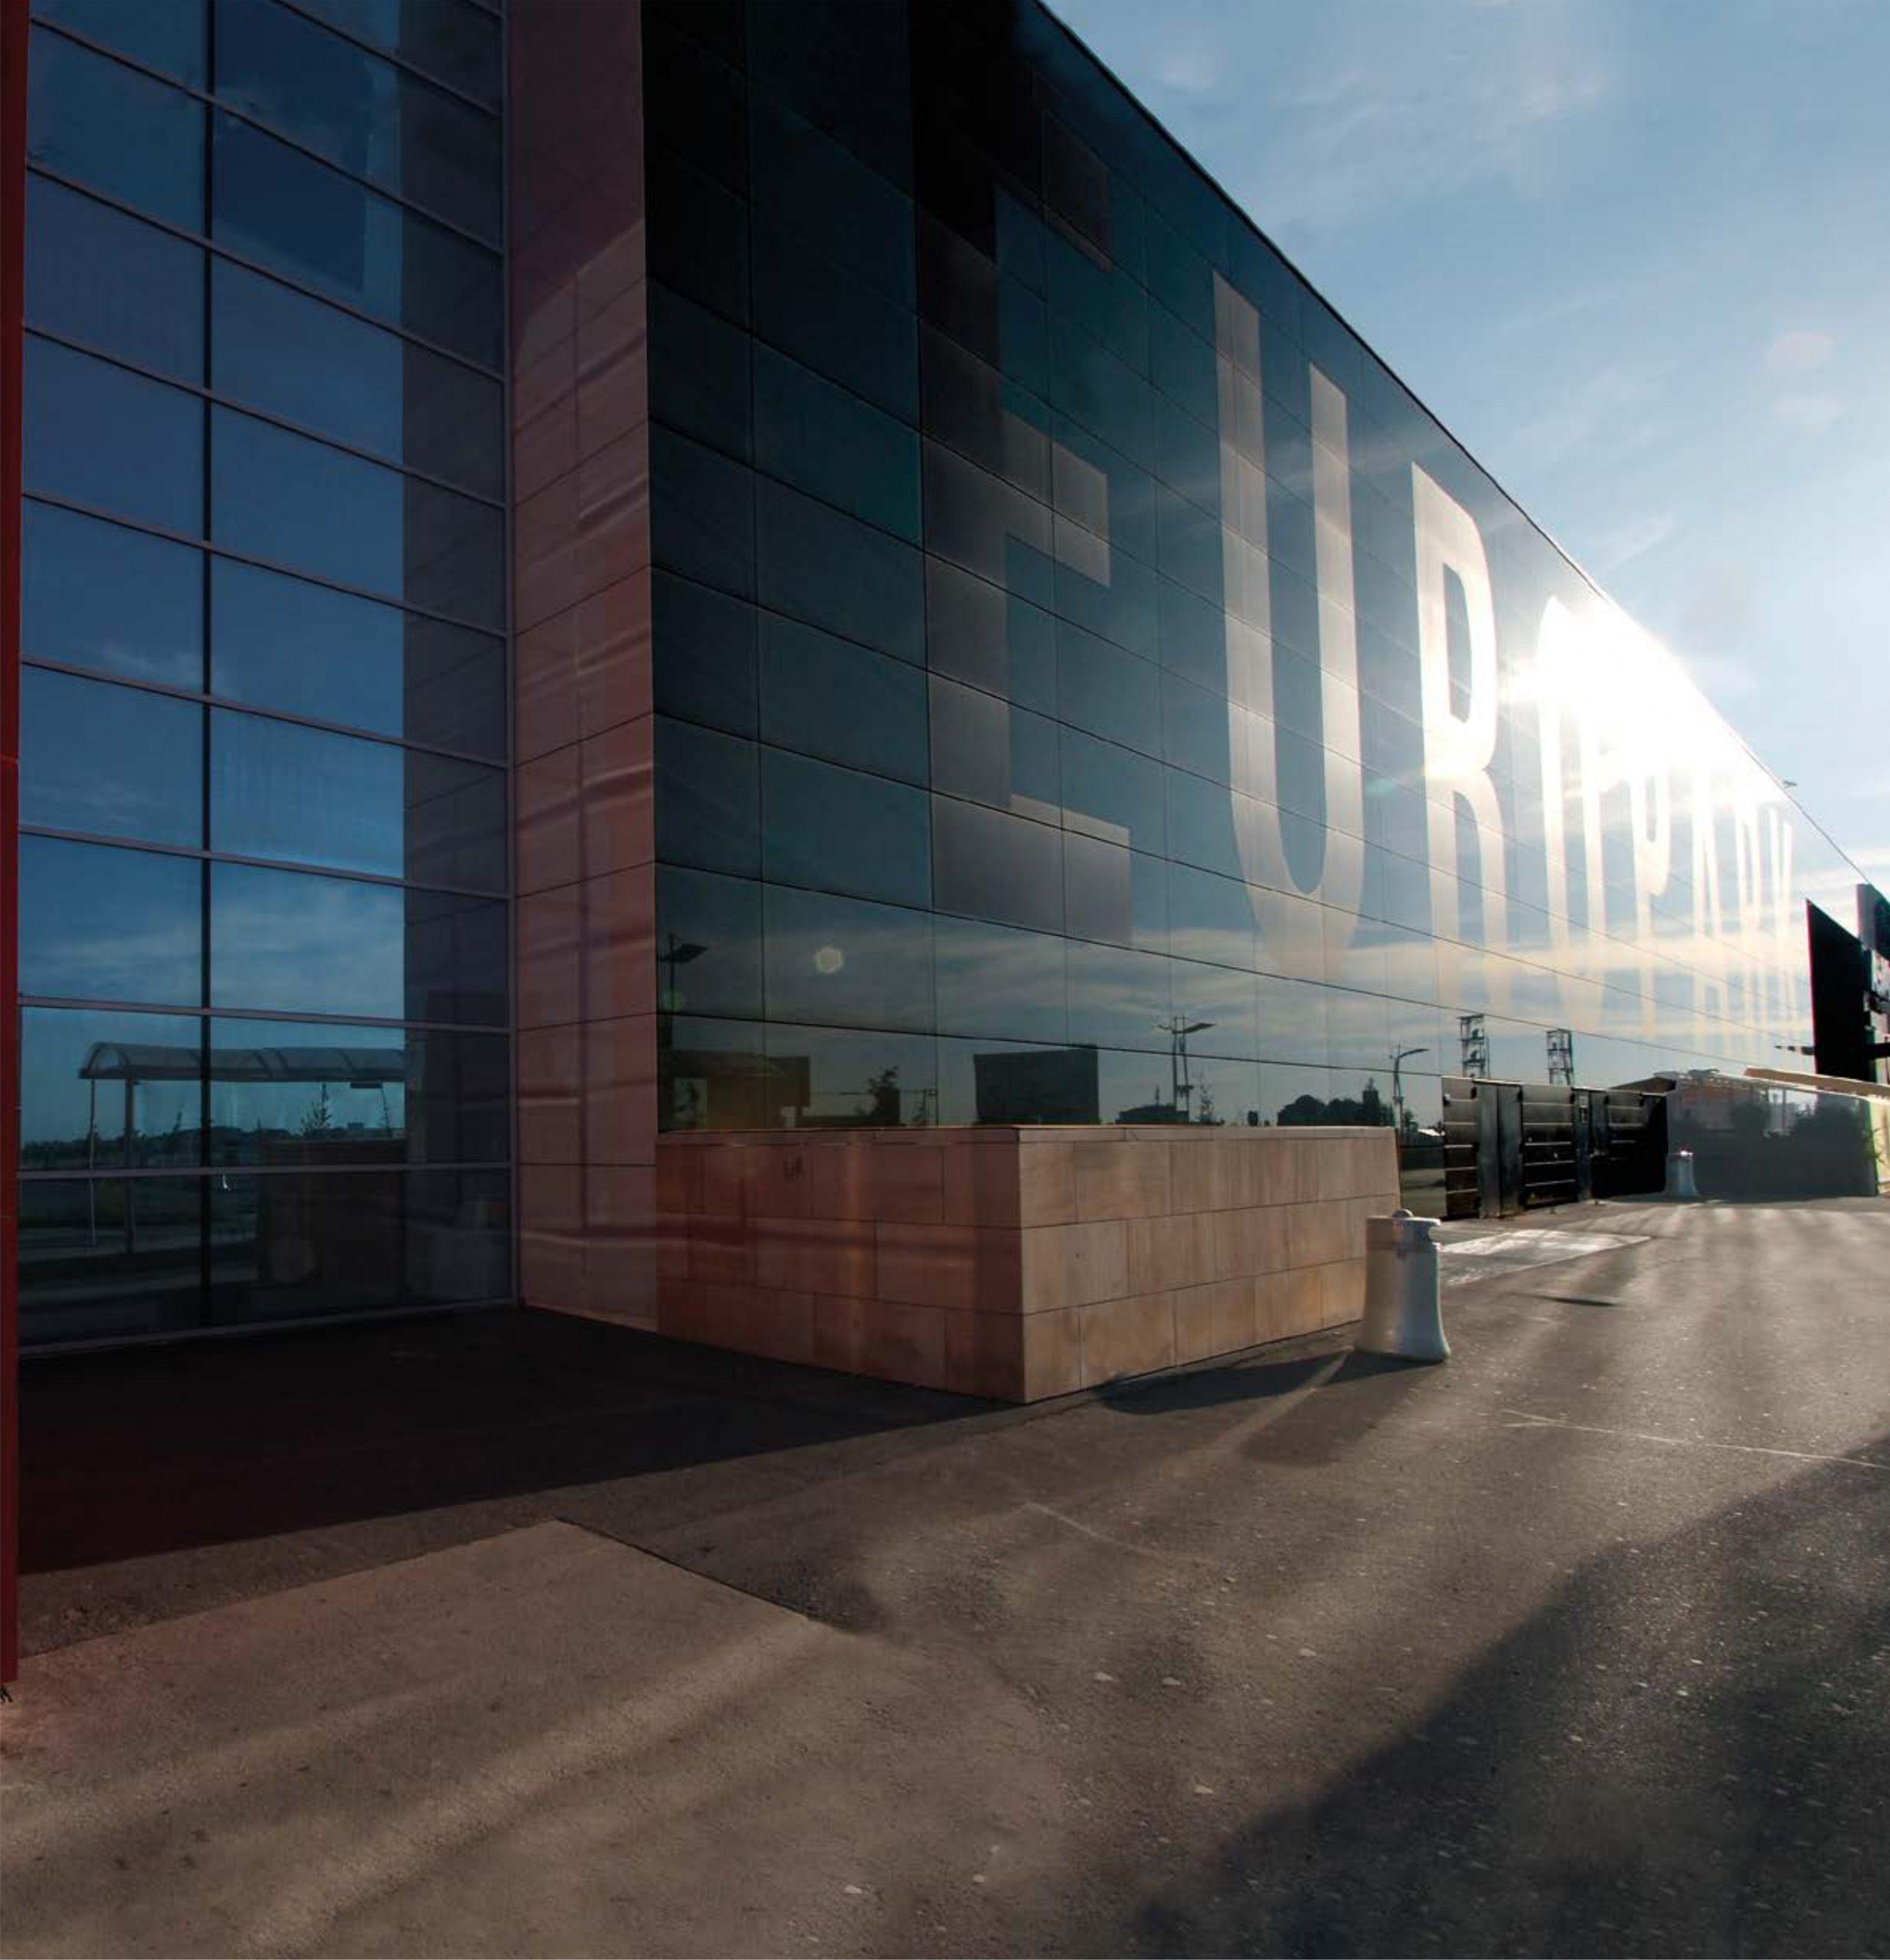 Přední strana obchodního centra Europark v Praze